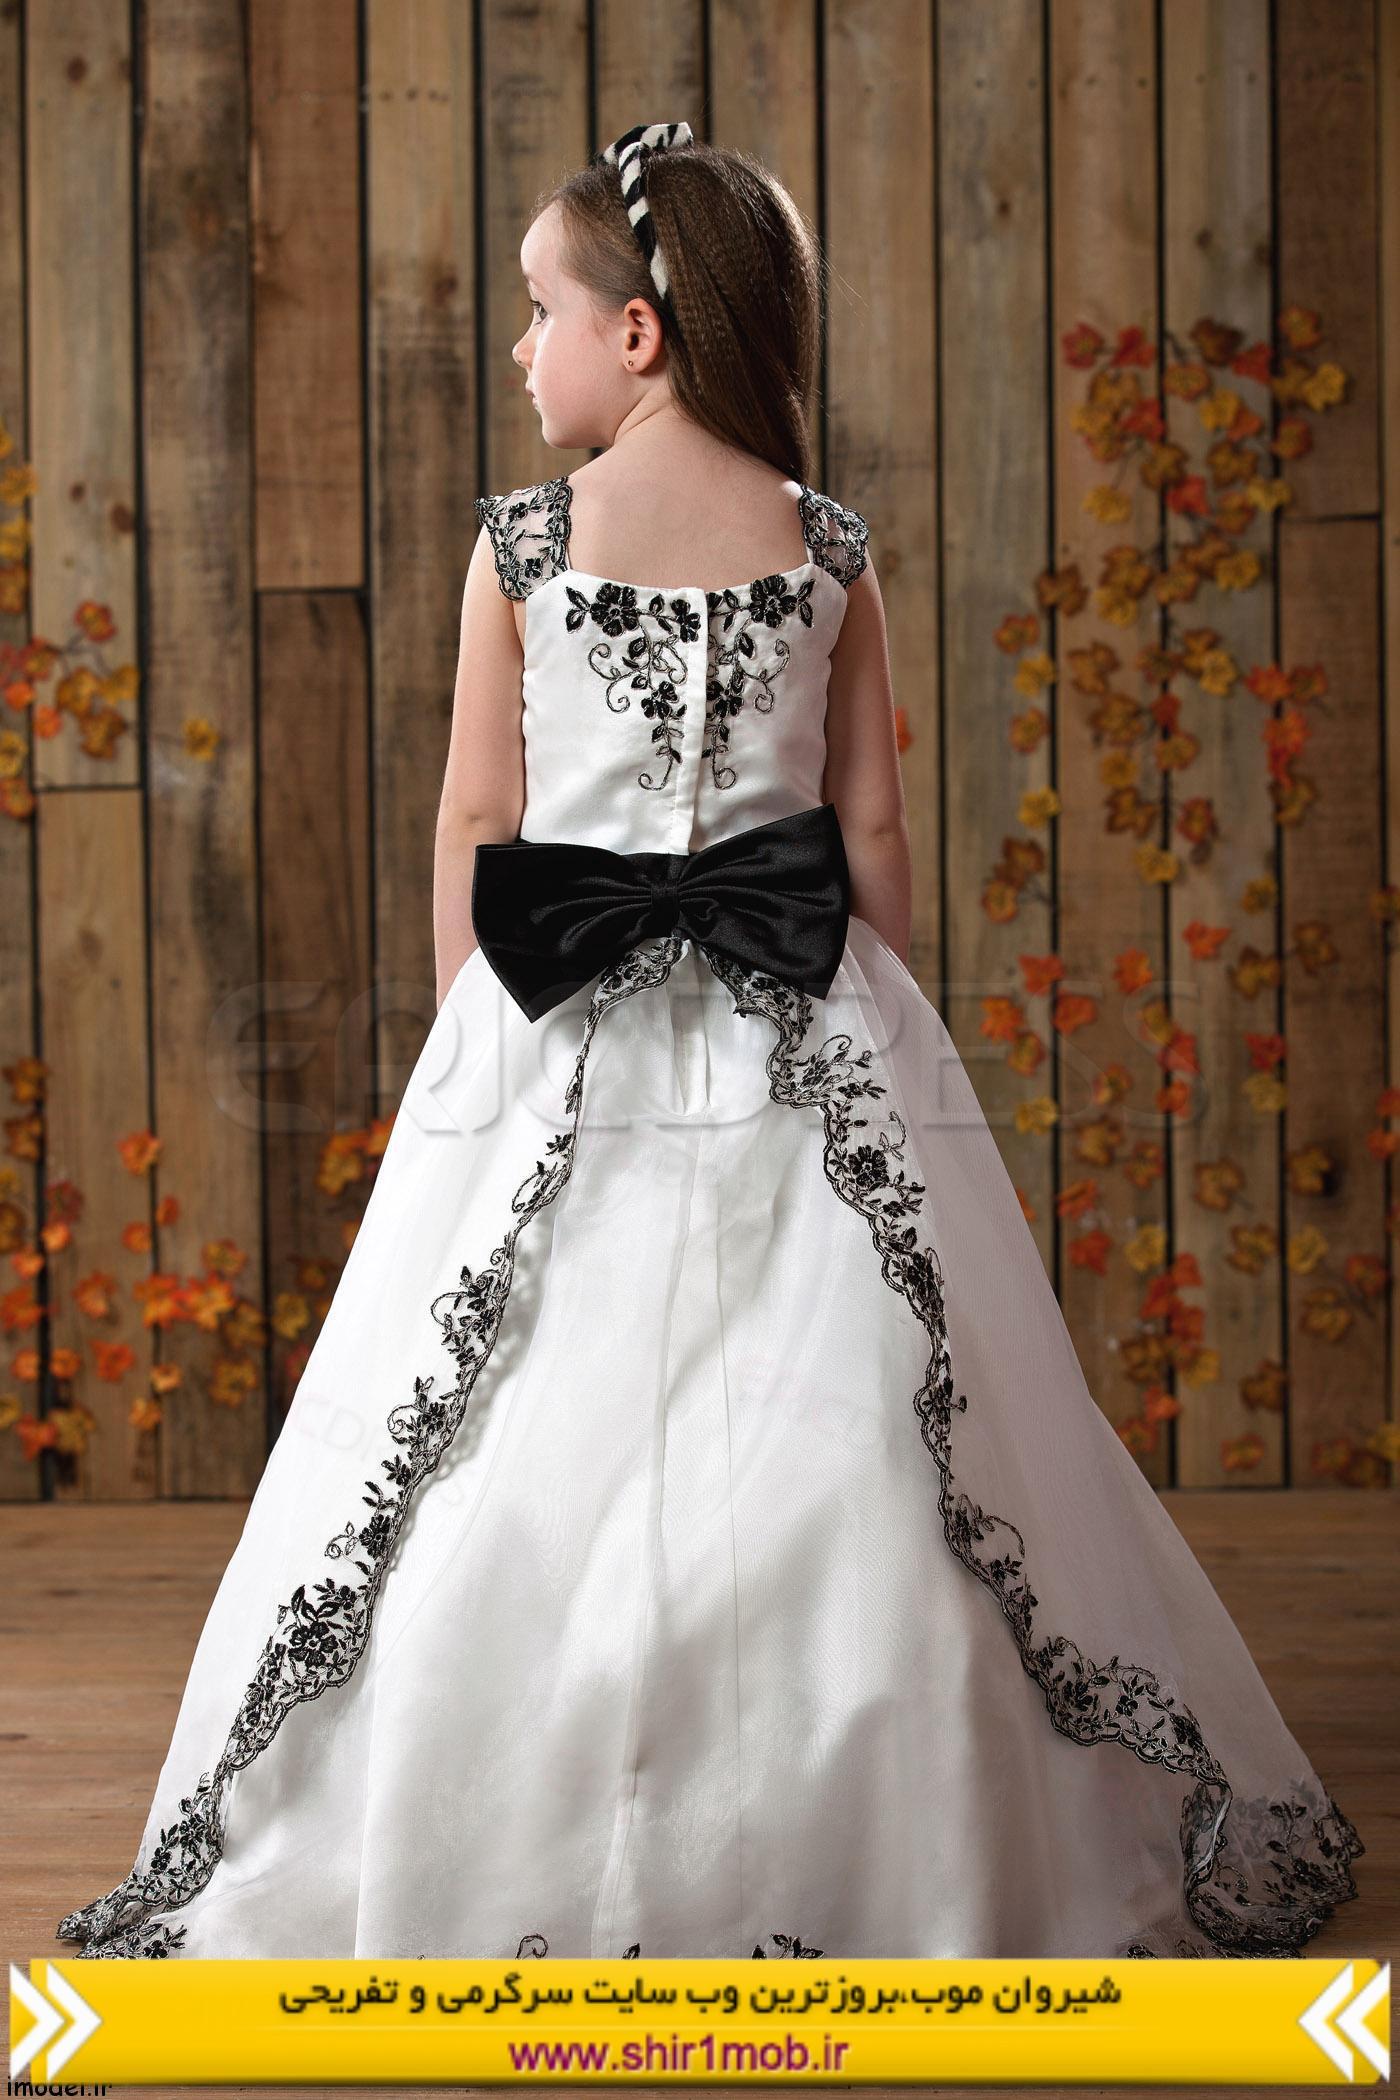 لباس مجلسی دختر بچه طرح ۲۰۱۴